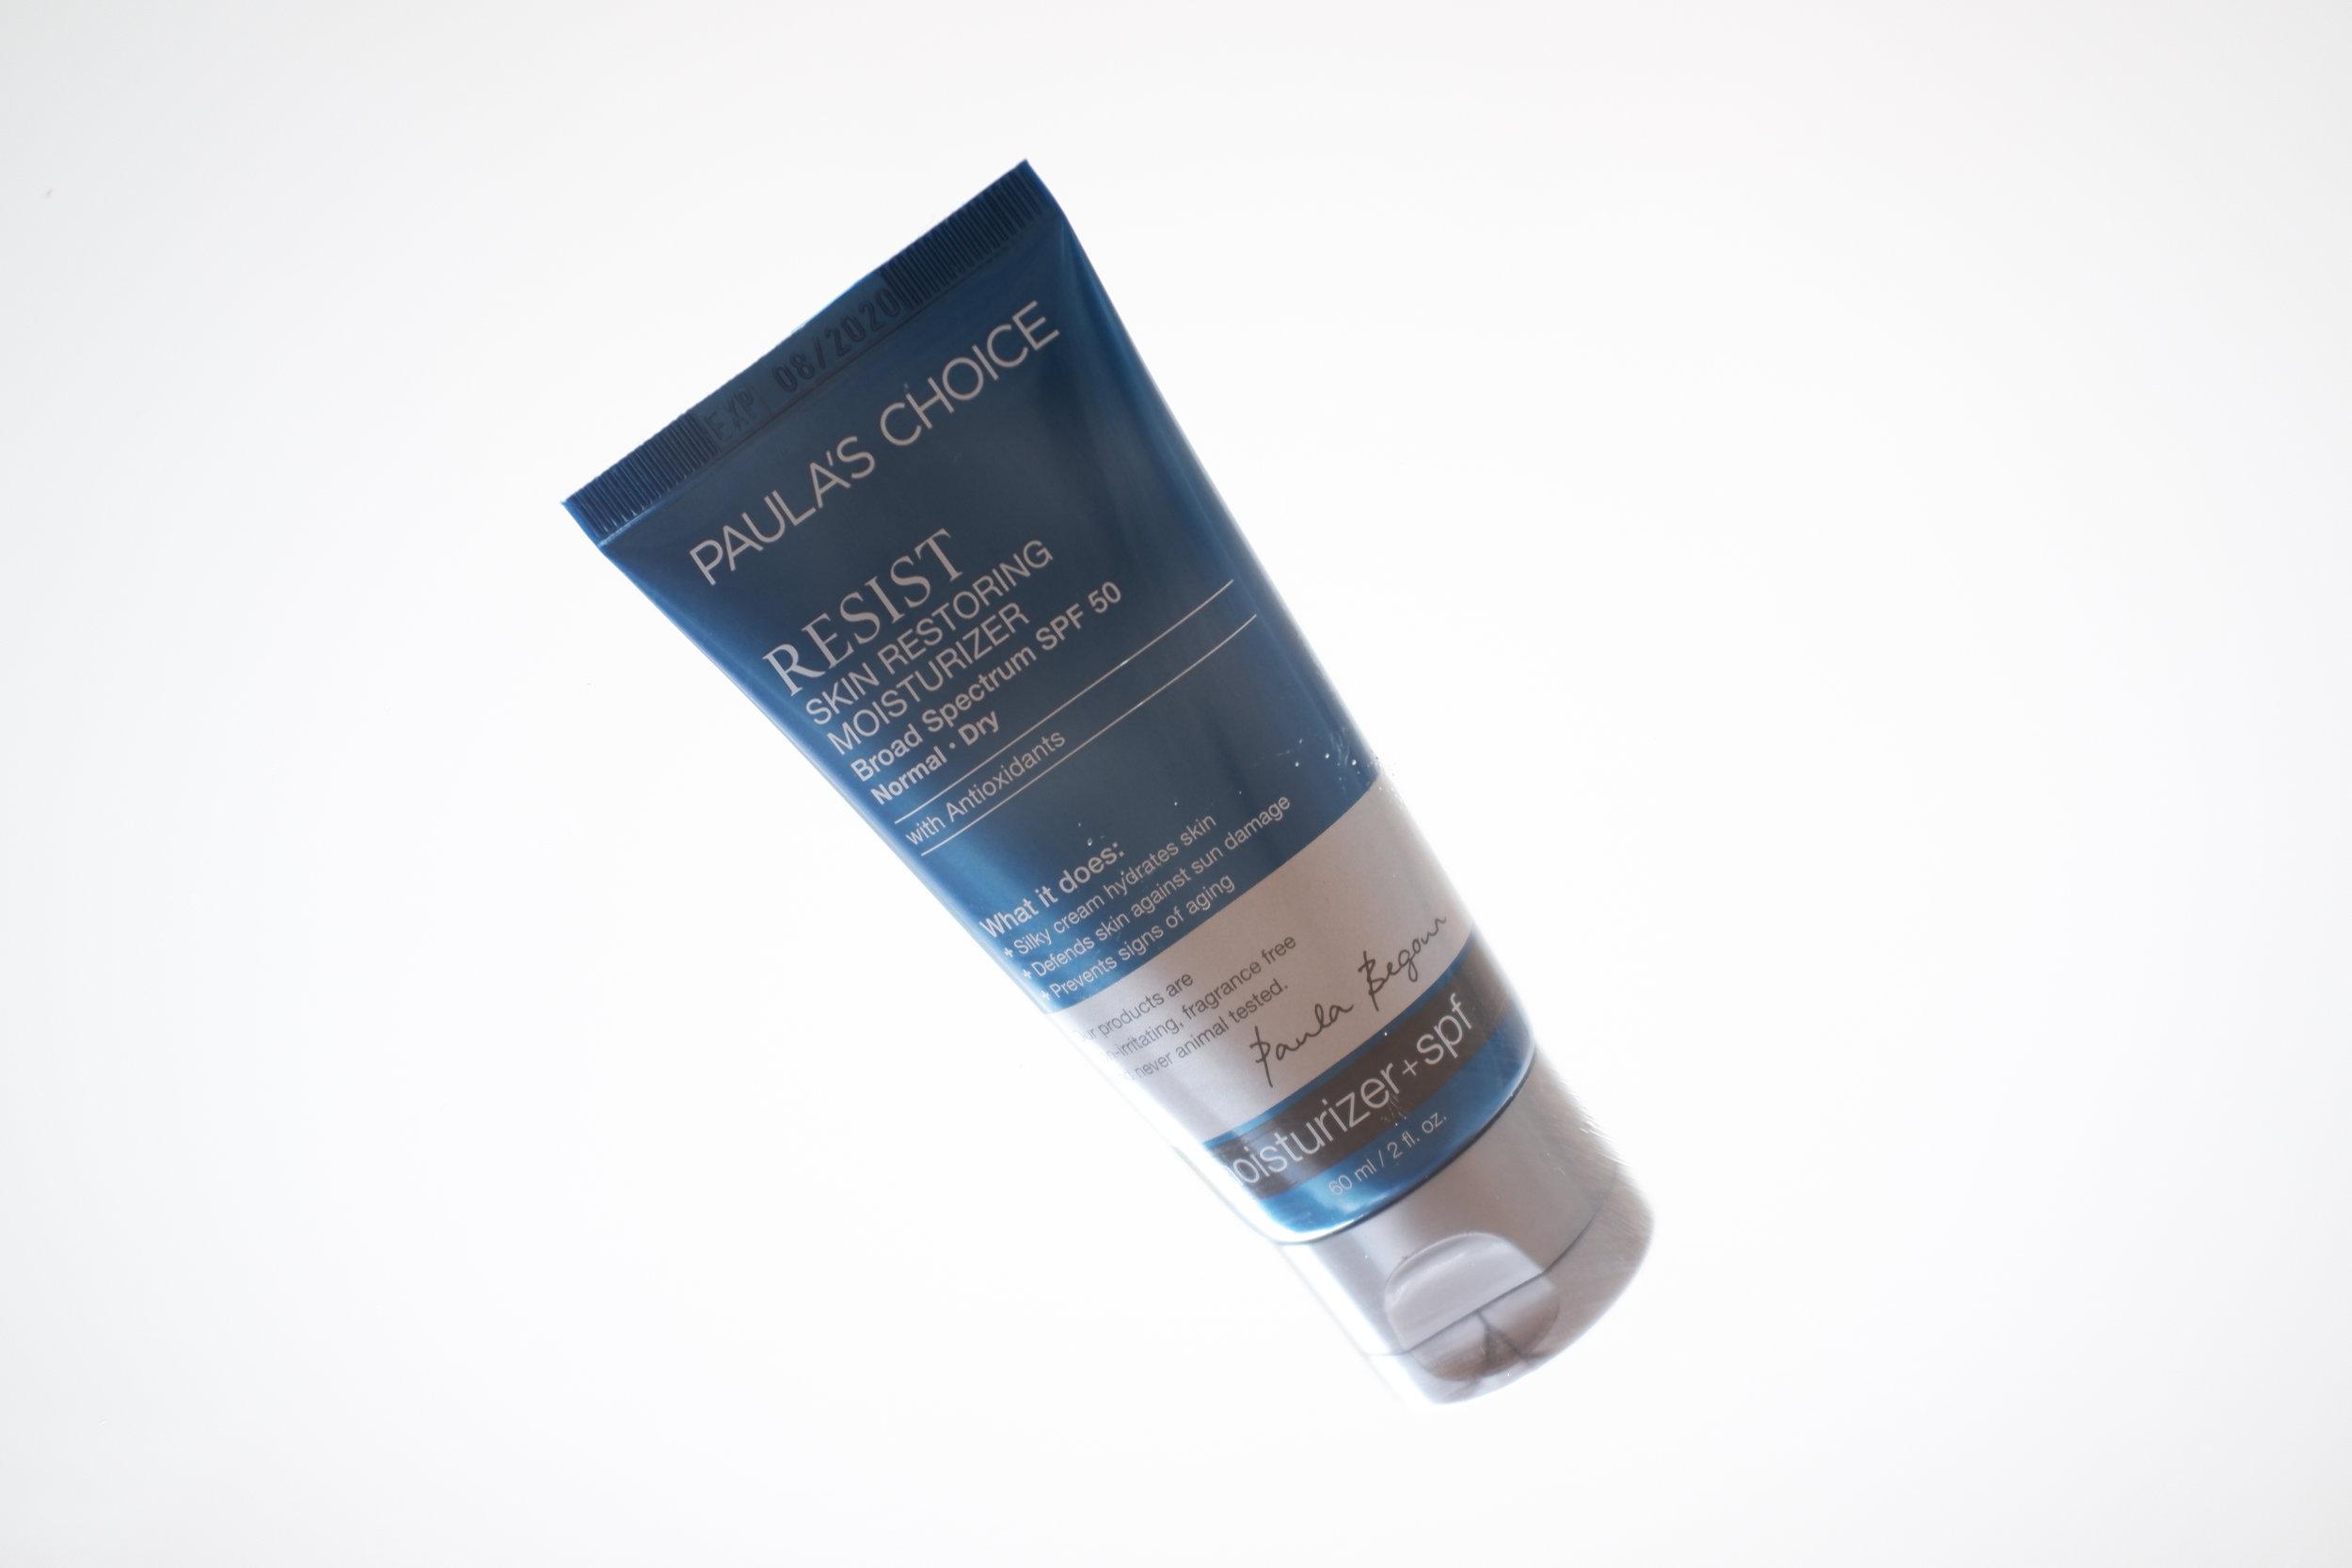 Viikko 31 /2019:  Paula's Choice Resist Skin Restoring Moisturizer SPF50  - Aurinkosuojan sisältävä kosteusvoide levittyy iholle todella hyvin. Siitä ei jää lainkaan vaaleaa pintaa tai tahmeaa tunnetta kasvoille. Voide sopii hyvin meikin alle, sillä se ei ole liian rasvainen - meikki pysyy hyvin paikoillaan eikä lopputulos ole liian kiiltävä. Sekä UVA- että UVB -säteiltä suojaavan voiteen kerroin on 50.